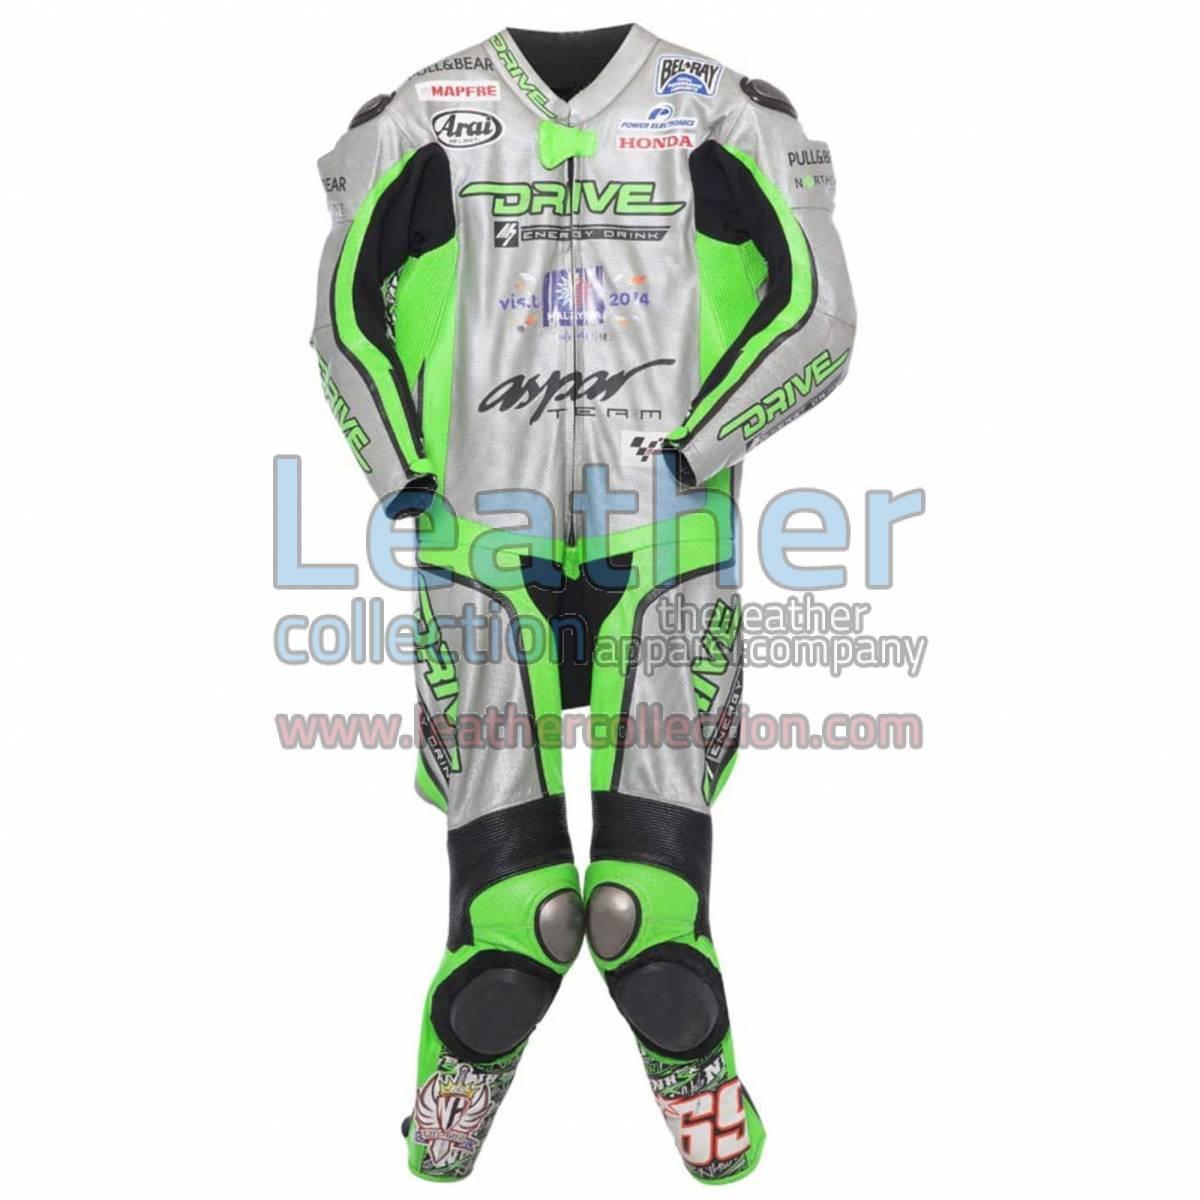 Nicky Hayden Honda MotoGP 2014 Motorbike Suit